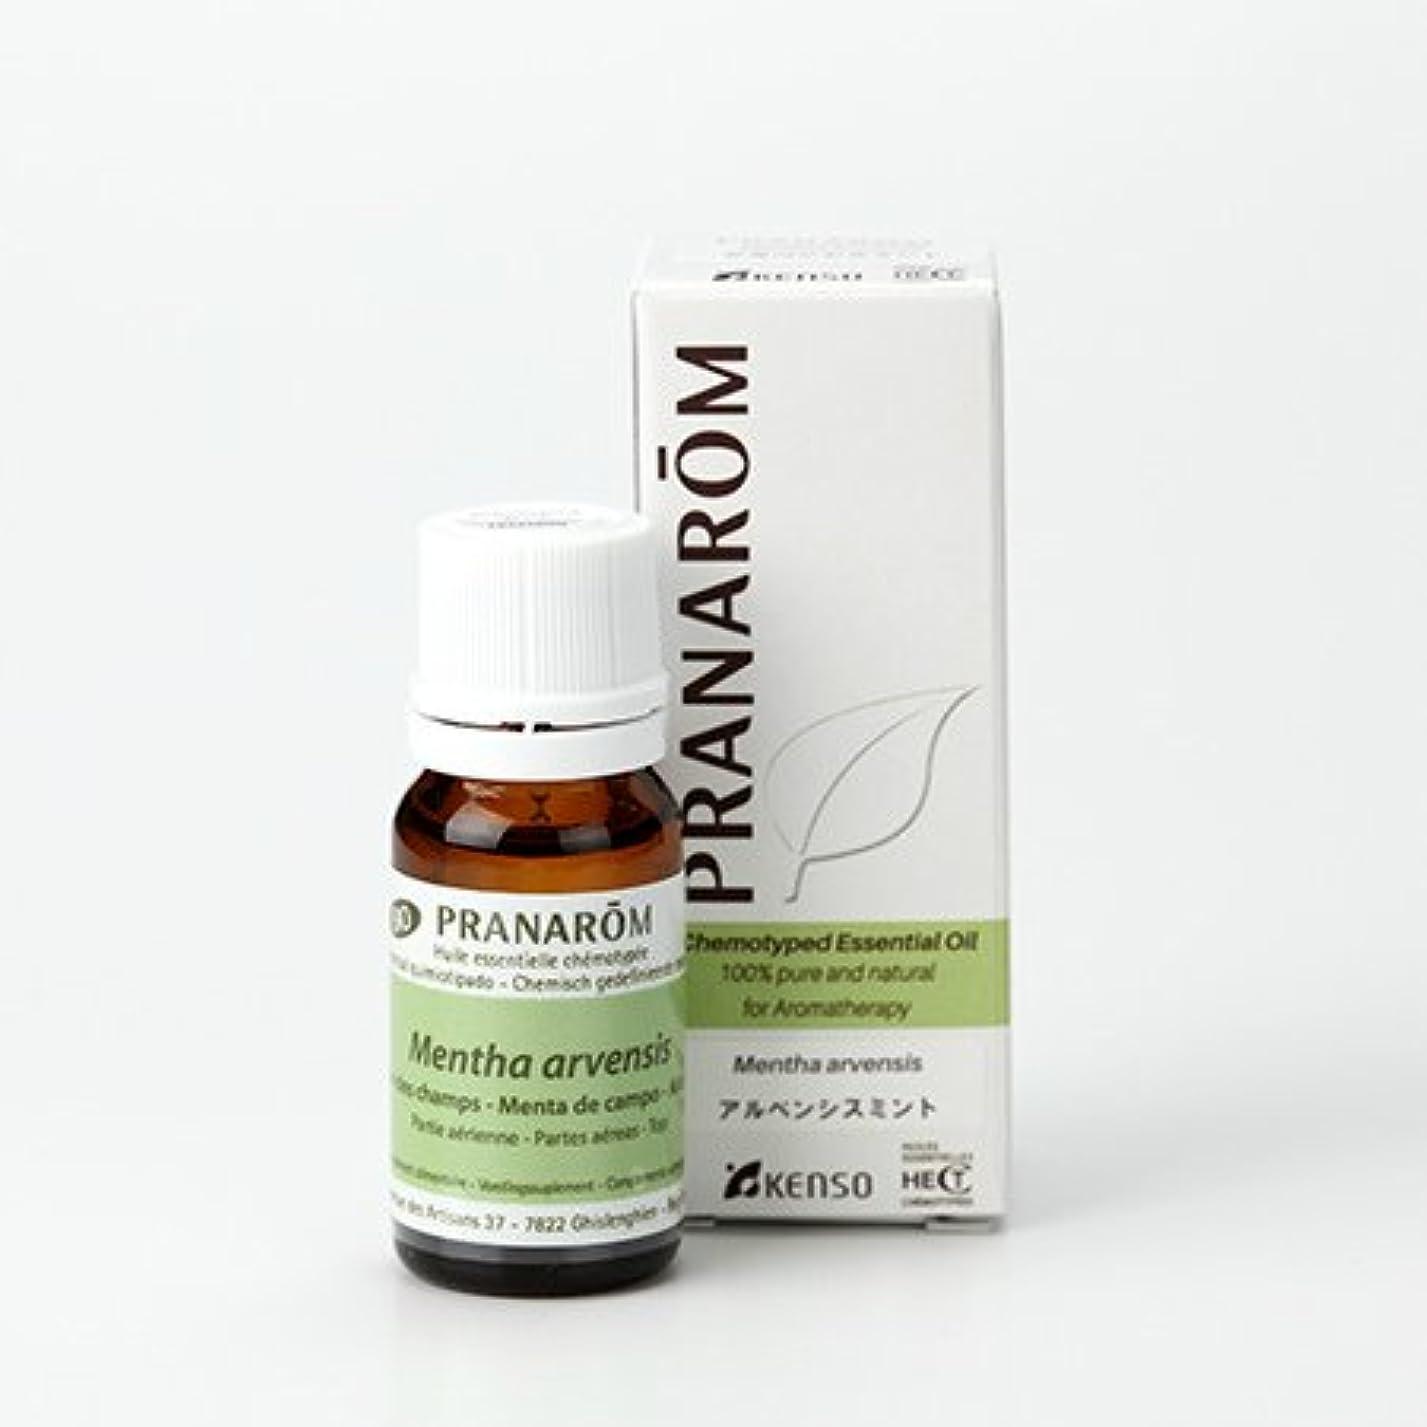 衣装無効低いプラナロム アルベンシスミント 10ml (PRANAROM ケモタイプ精油)